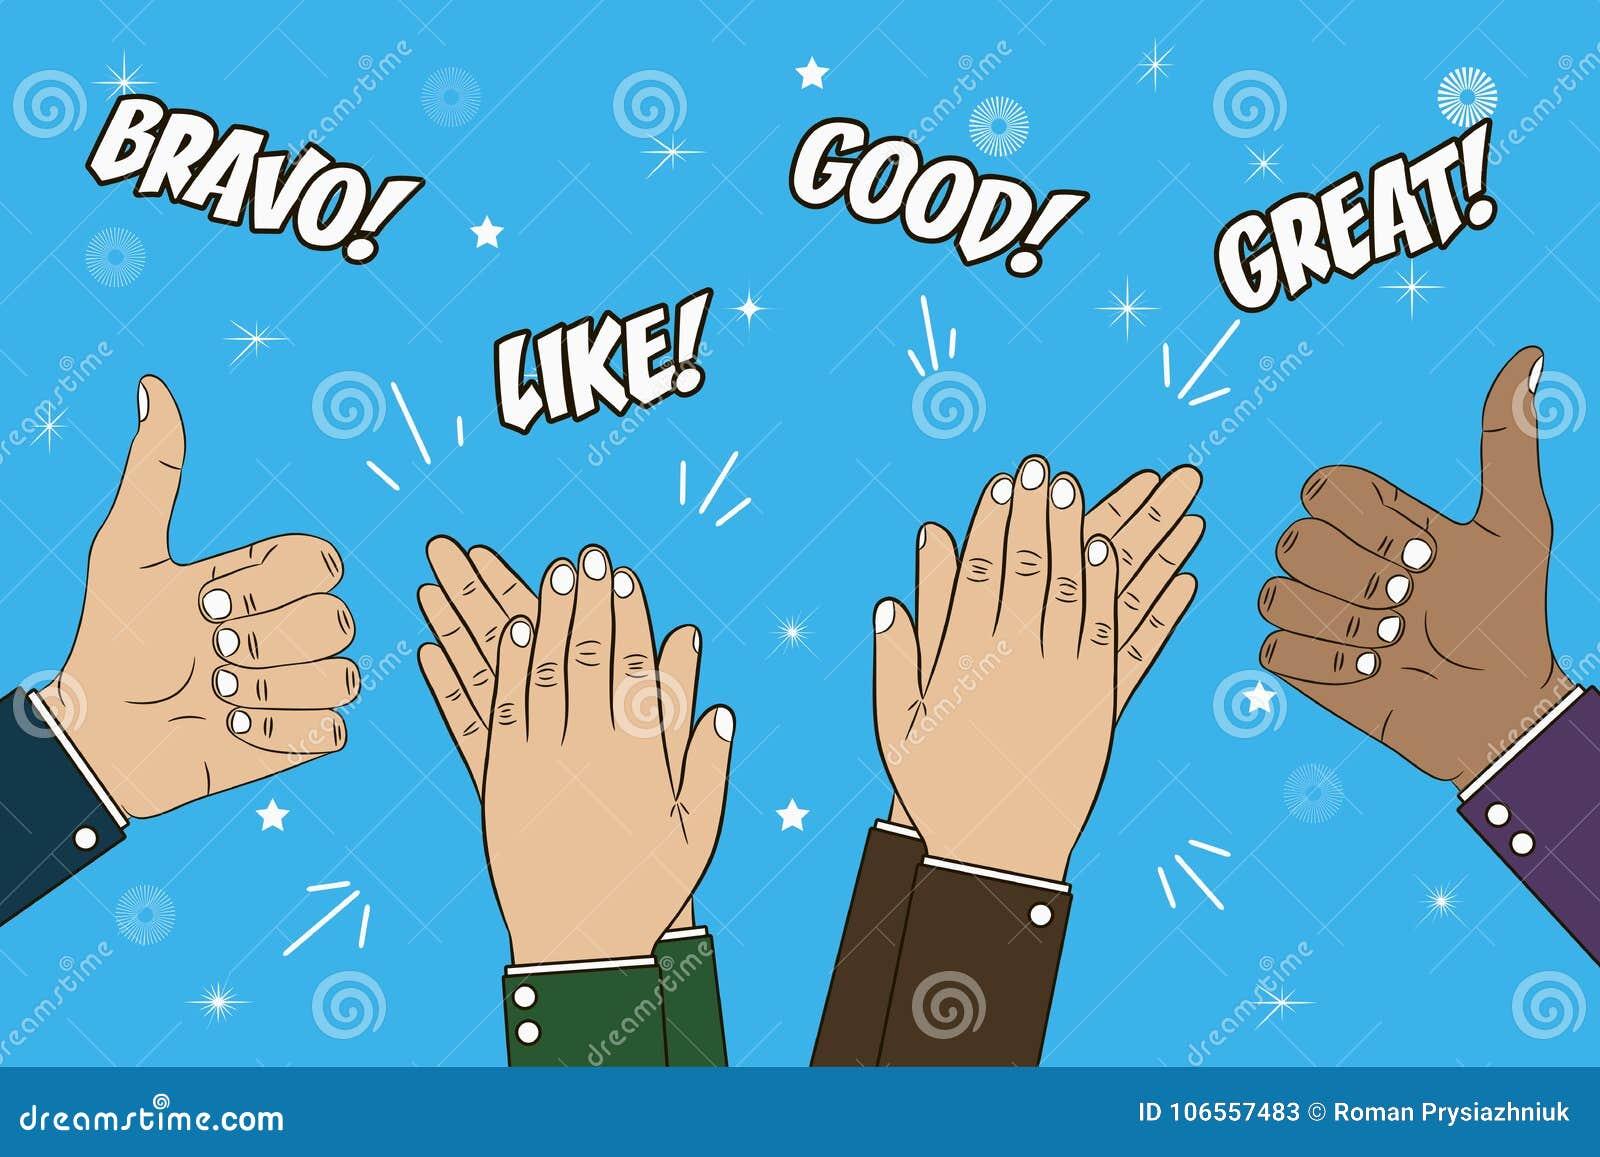 El aplaudir, aplauso y pulgar de manos encima del gesto Ejemplo del concepto de la enhorabuena con el texto - bravo, grande, como